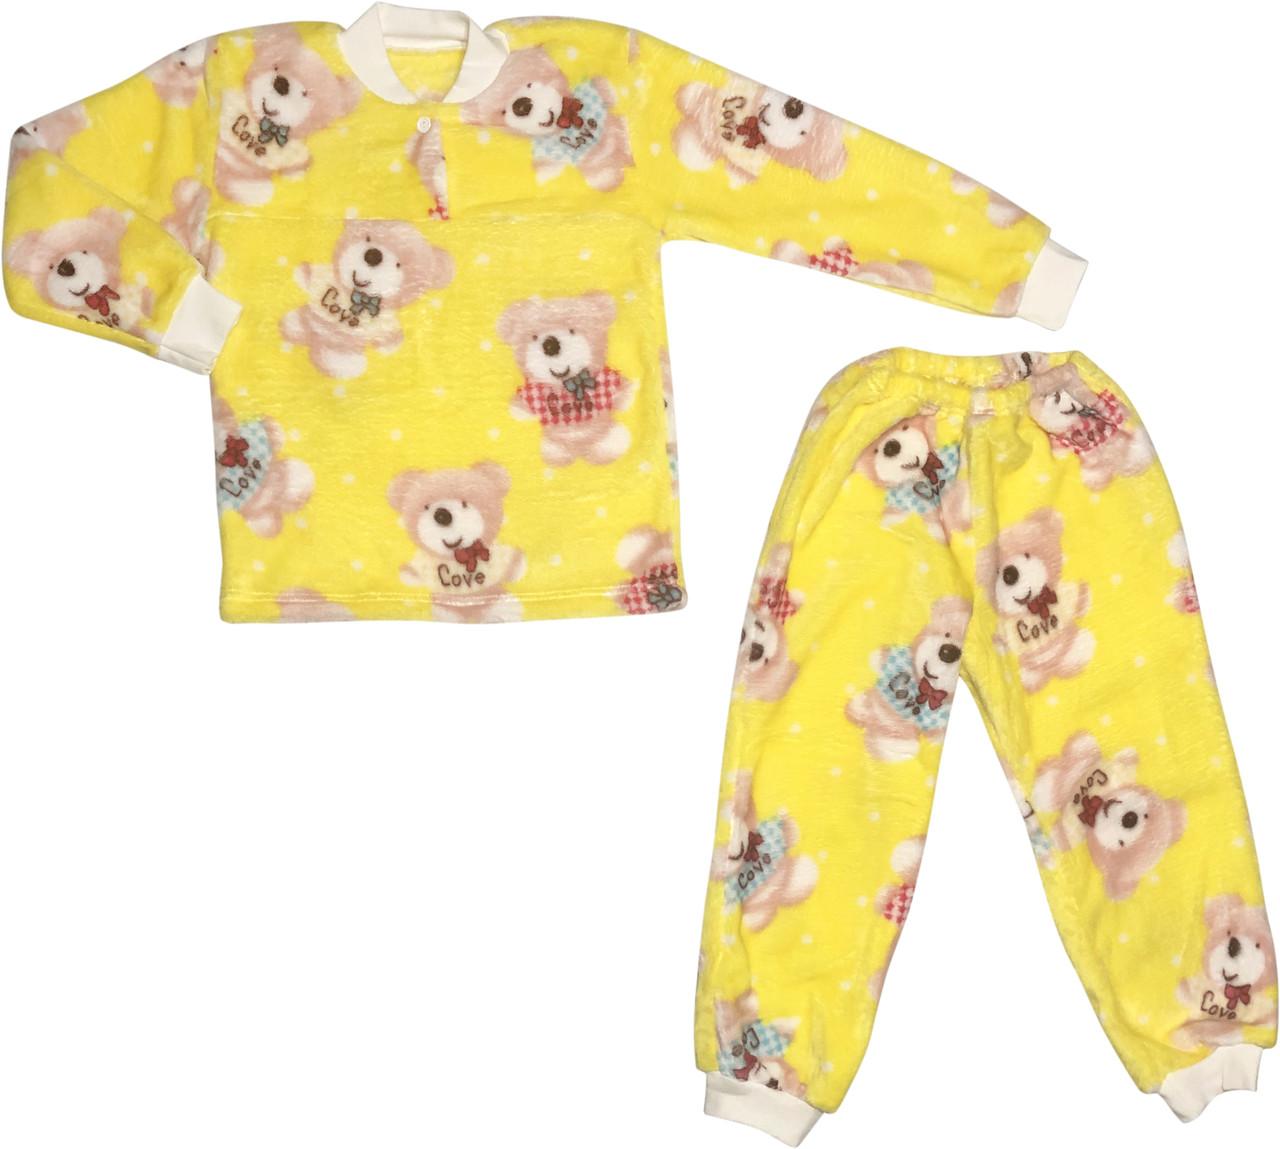 Детская тёплая пижама рост 104 3-4 года махровая жёлтая на мальчика девочку для детей Ж841